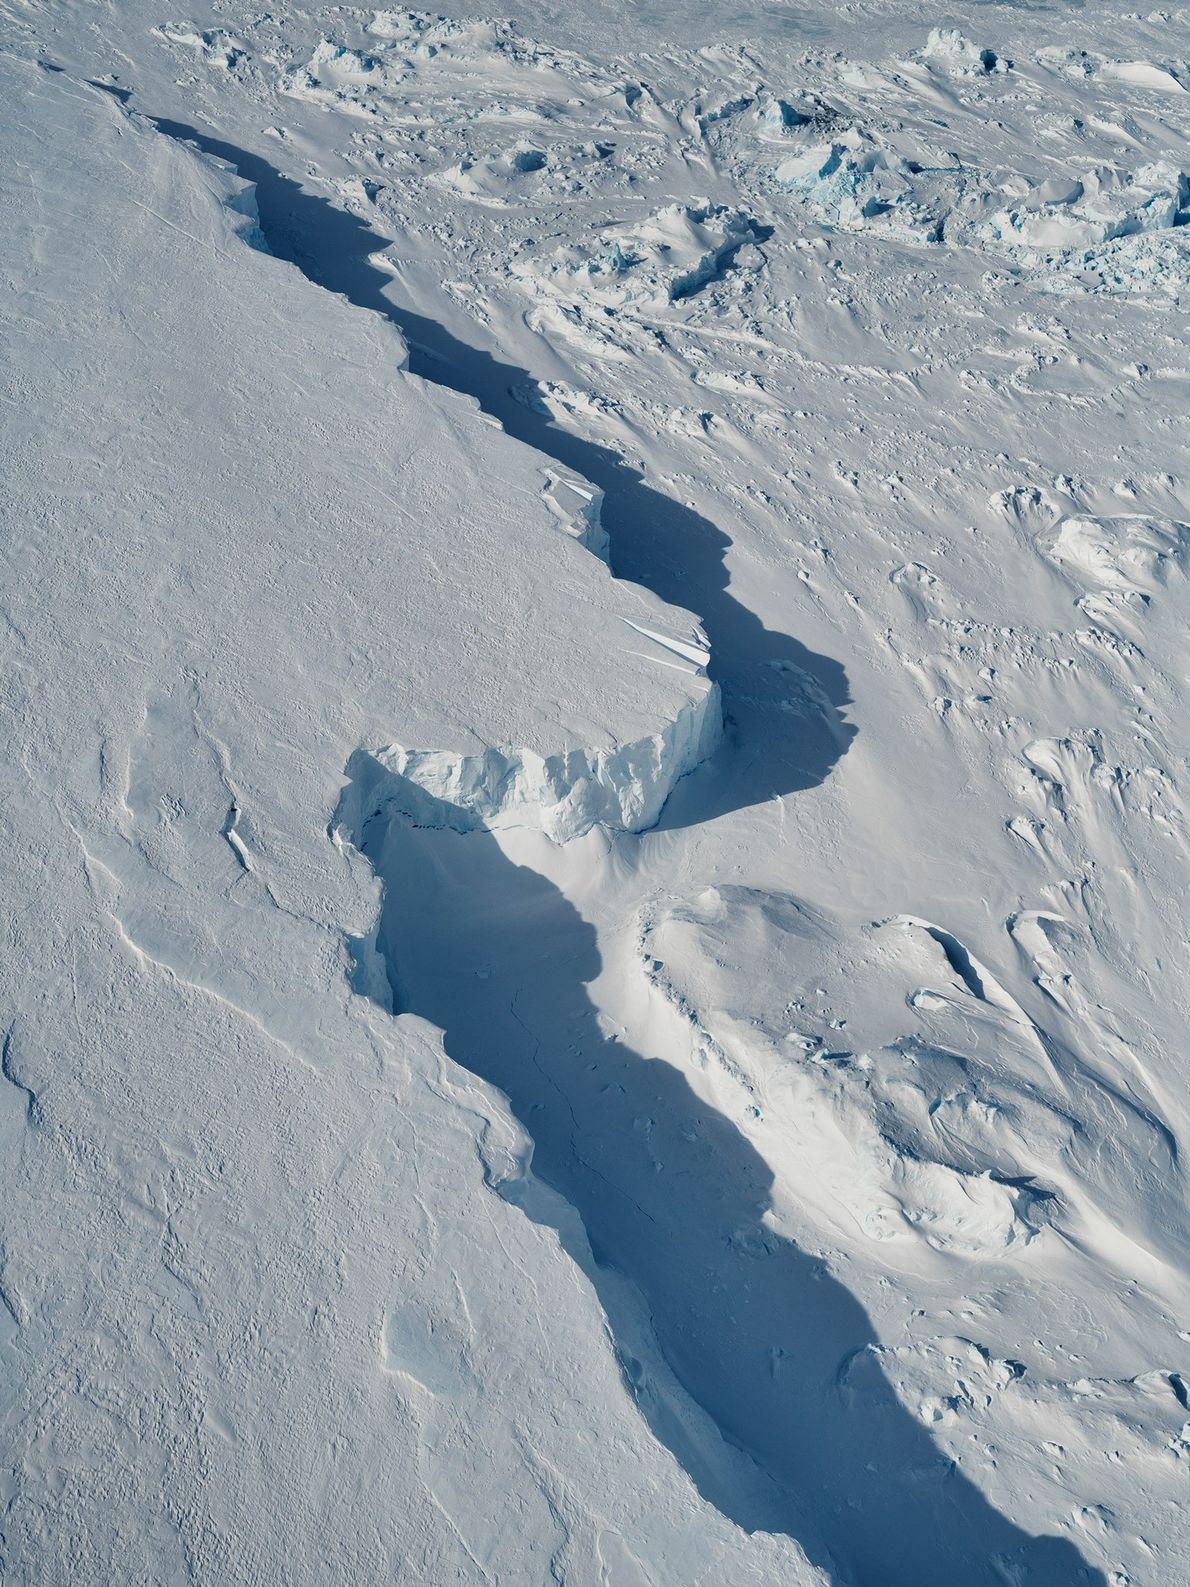 Sob a luz polar oblíqua, os enormes penhascos no limite do icebergue criam sombras profundas.